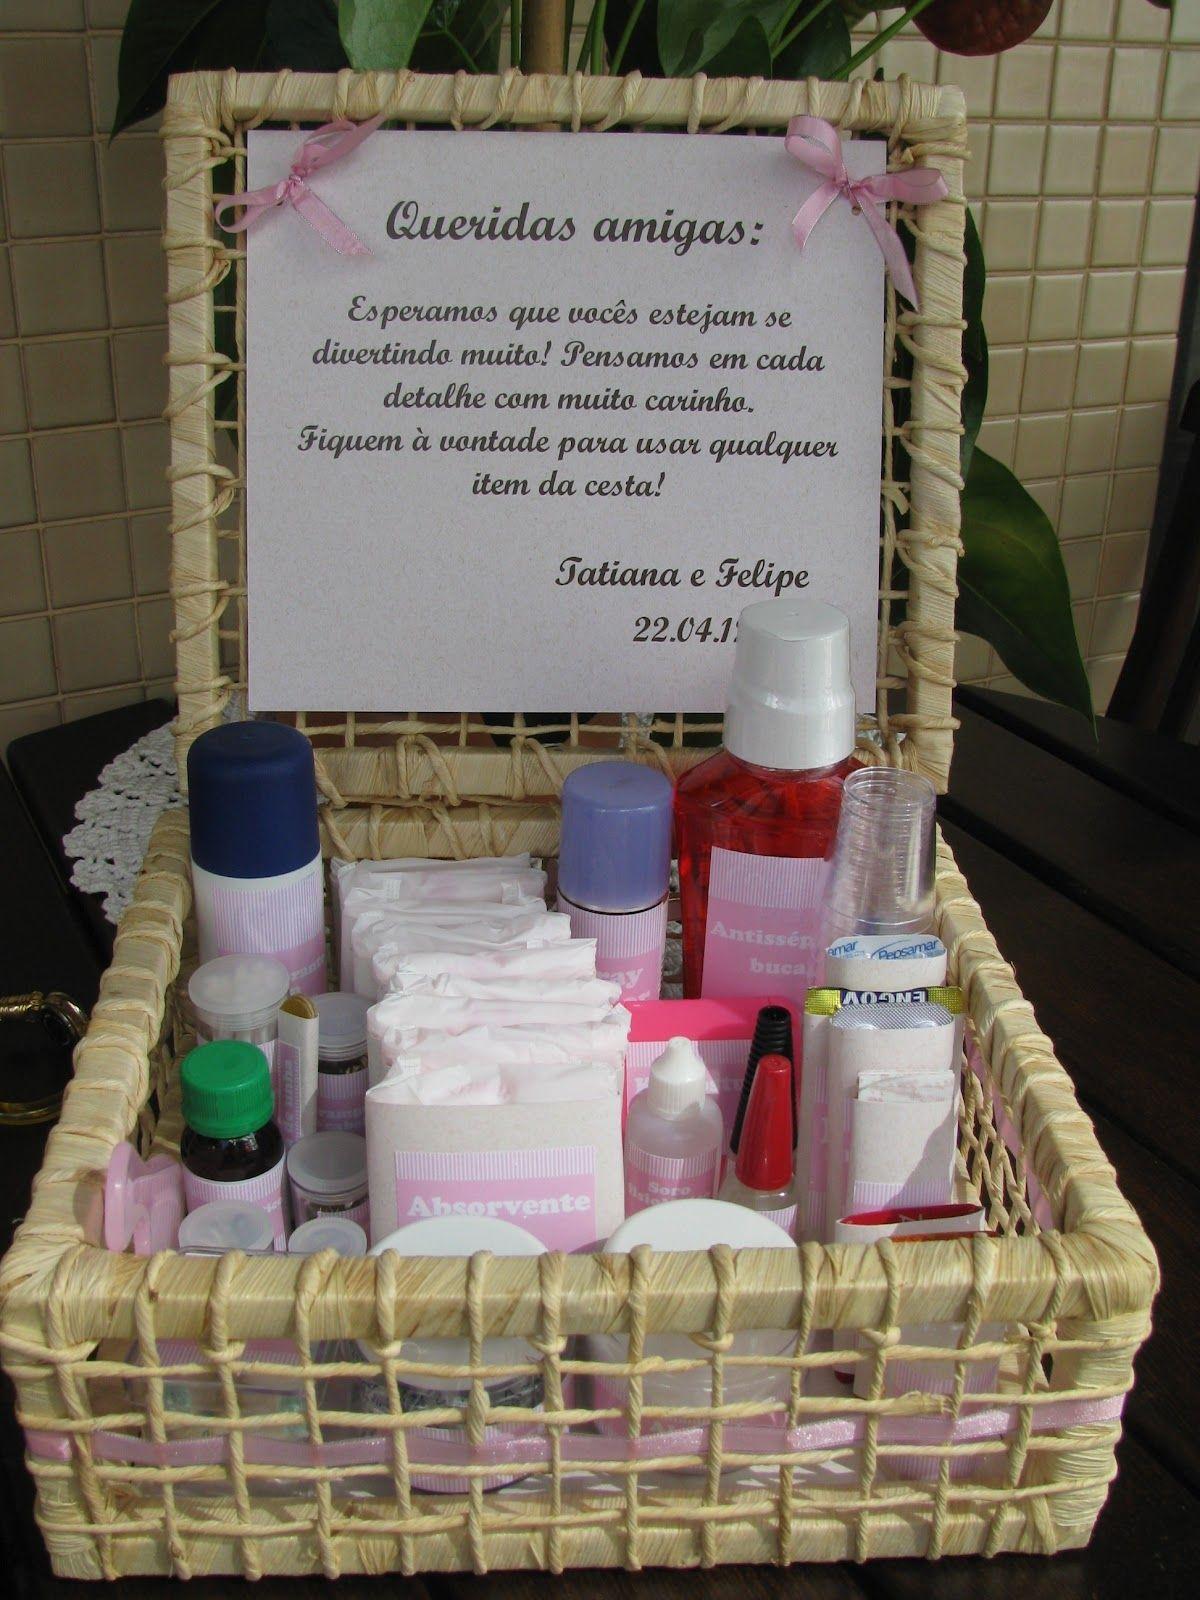 Kit Banheiro Para Casamento Goiania : Kit toalete cesta inspira??o pra simples casamento